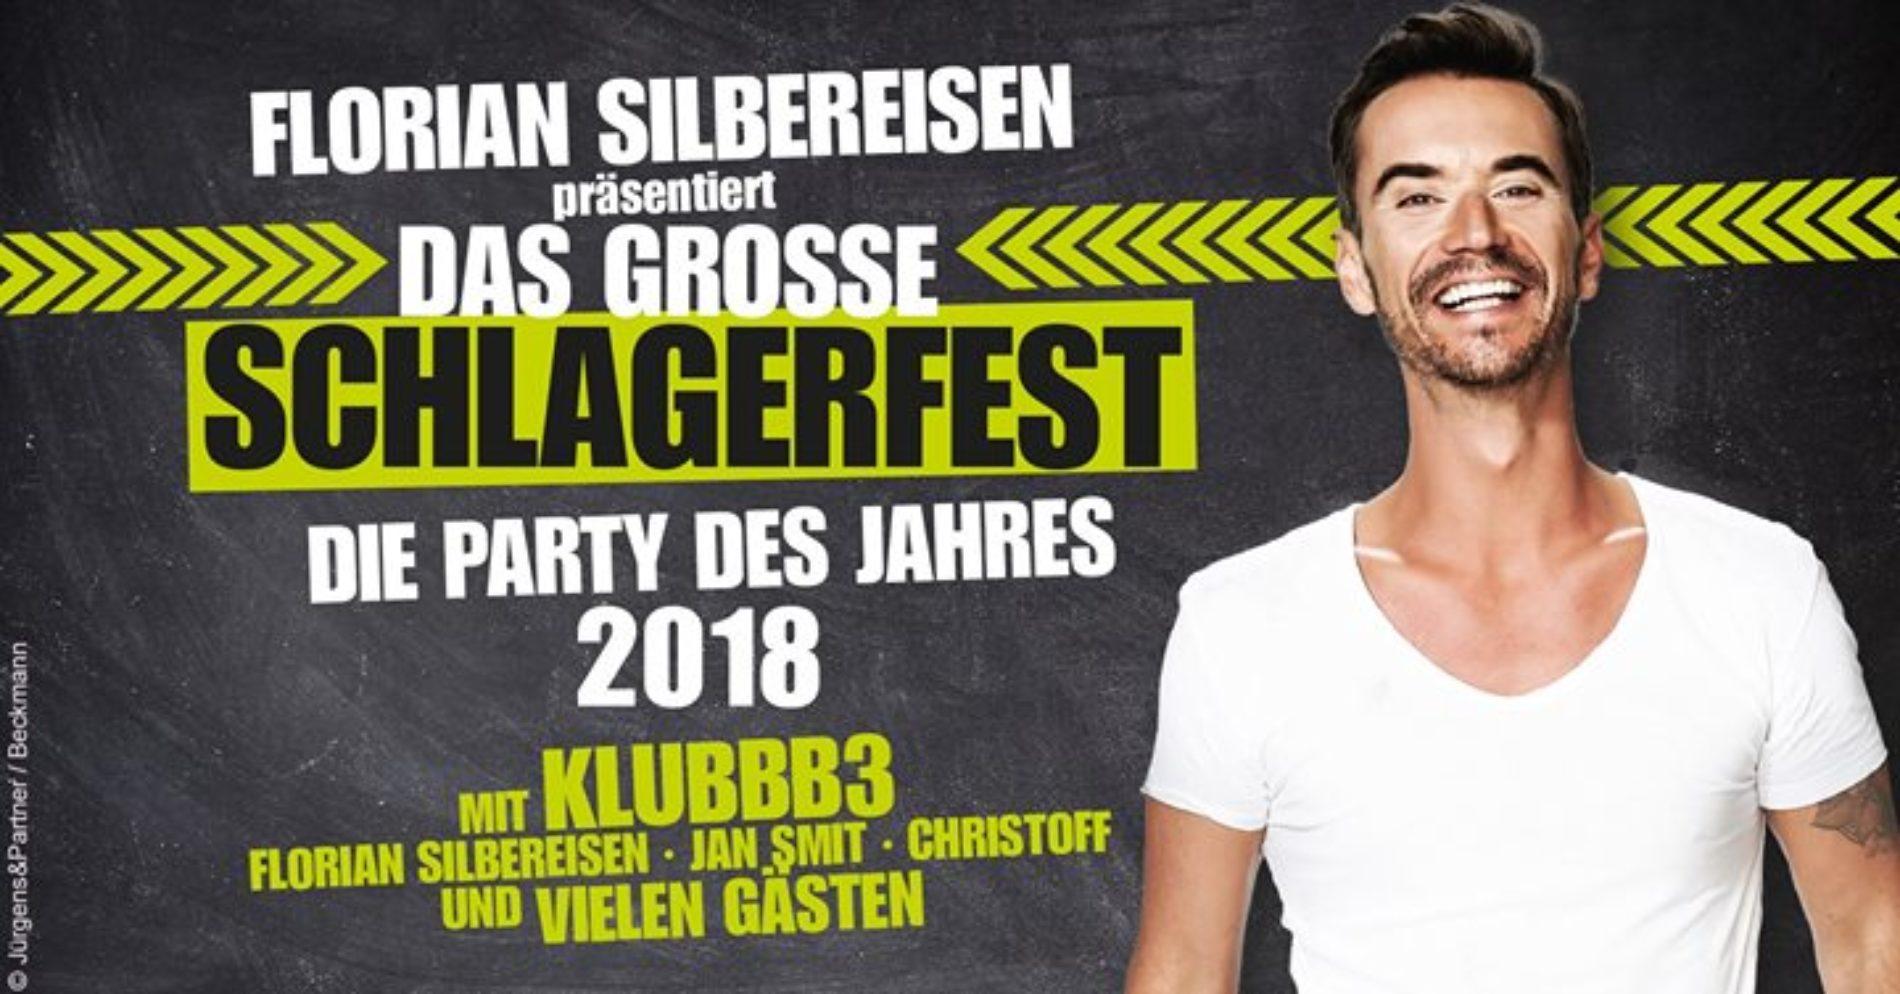 Florian Silbereisen – Das große Schlagerfest